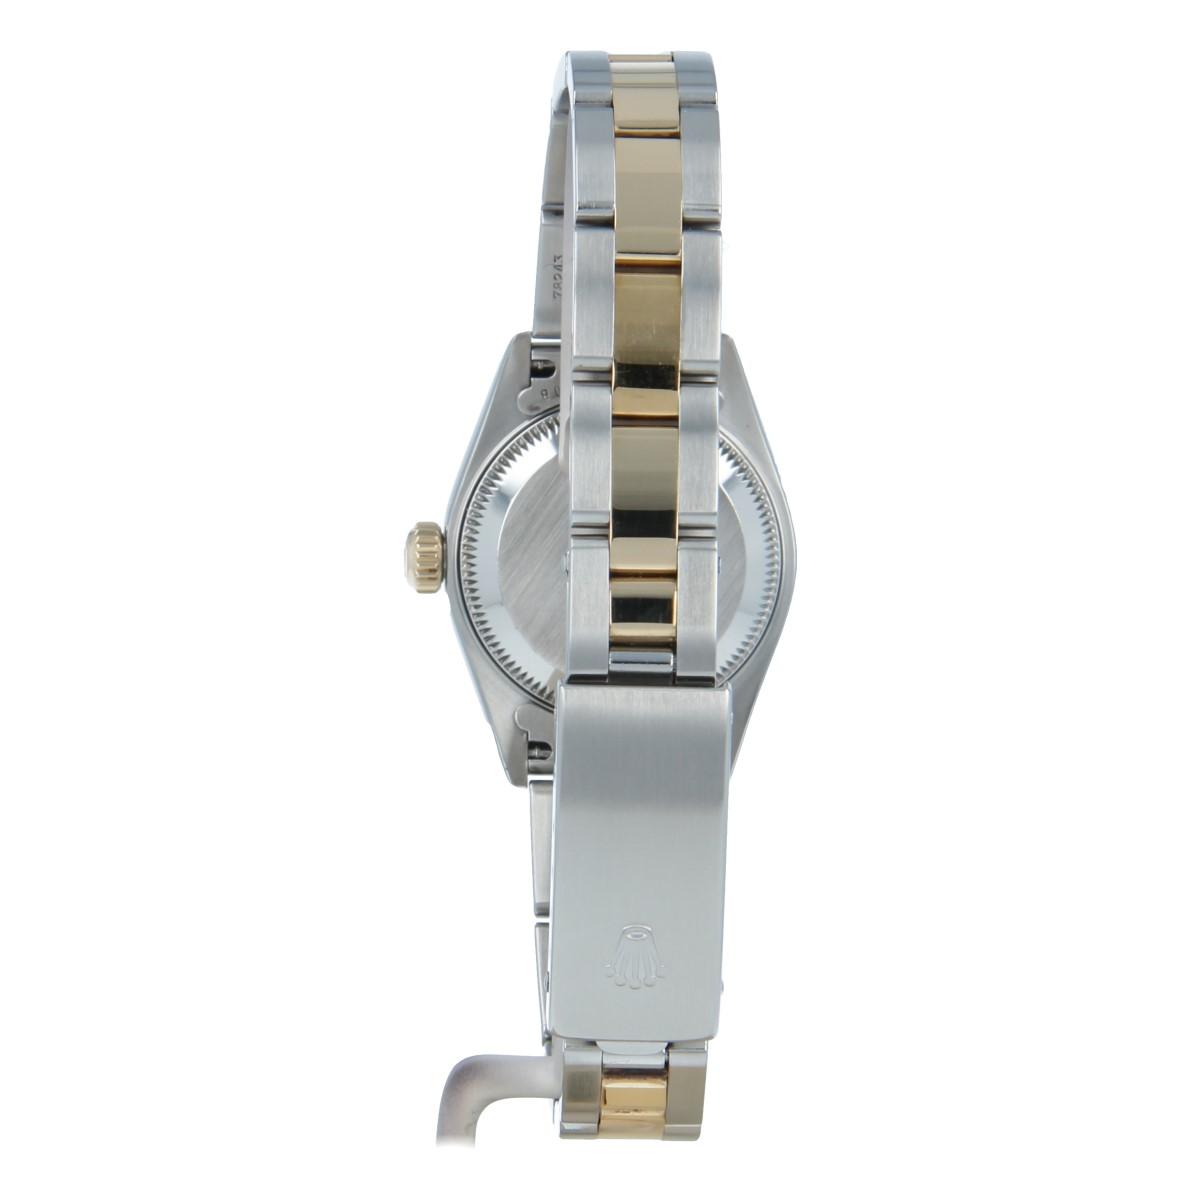 8d9f3d647bd Rolex Lady-Datejust 79163 26mm Mixto